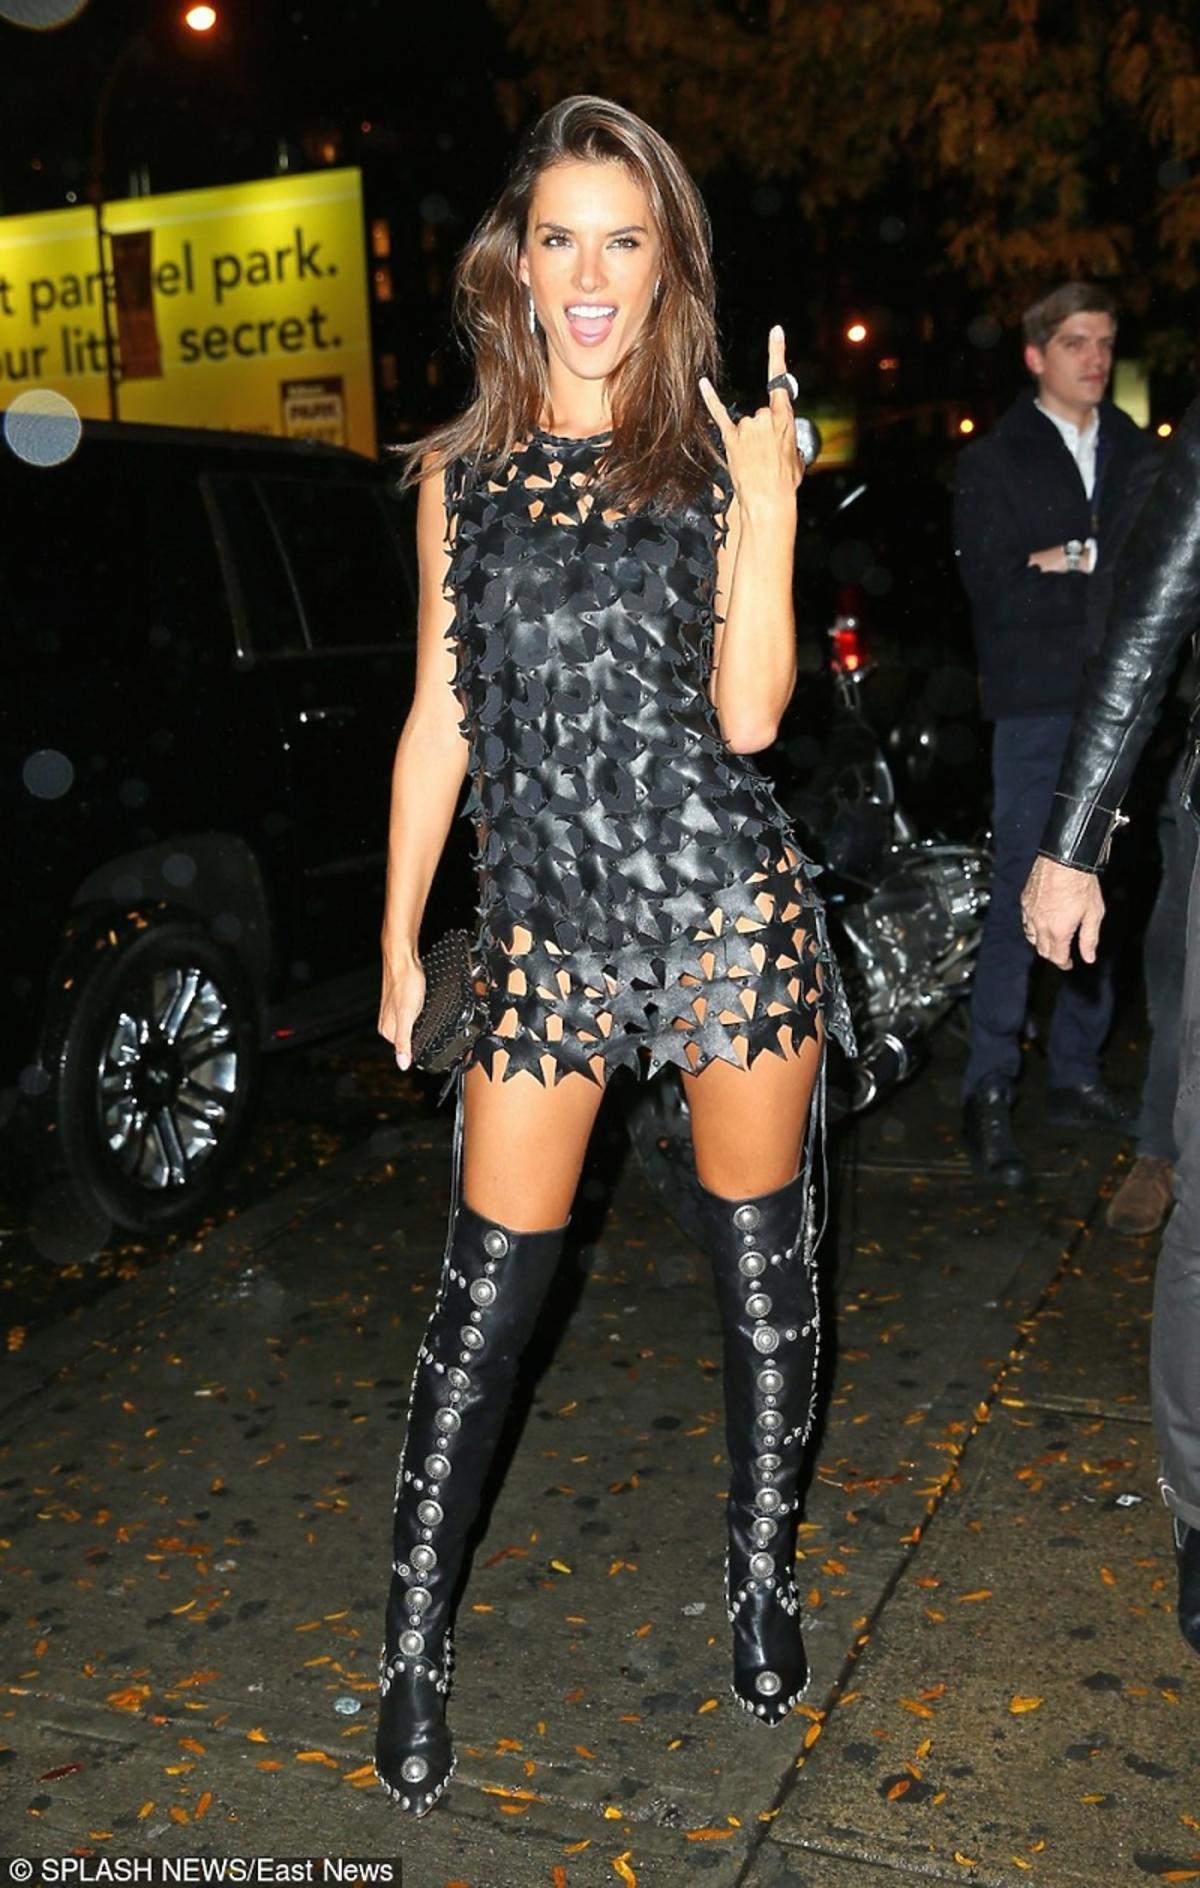 Alessandra Ambrosio w czarnej skórzanej sukience w gwiazdki, wysokich kozakach